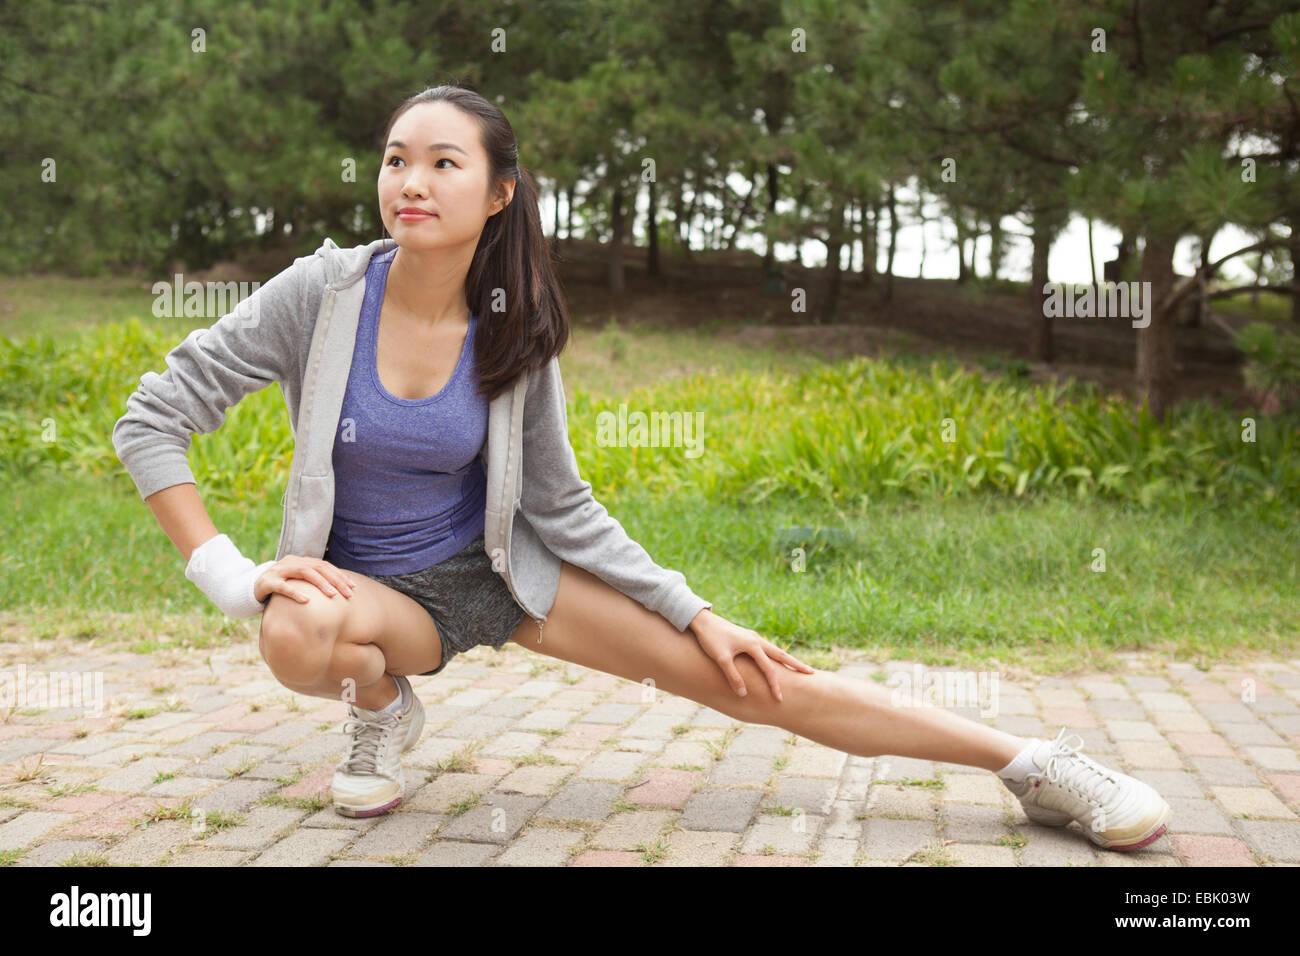 Junge weibliche Läufer, die Beine im park Stockbild